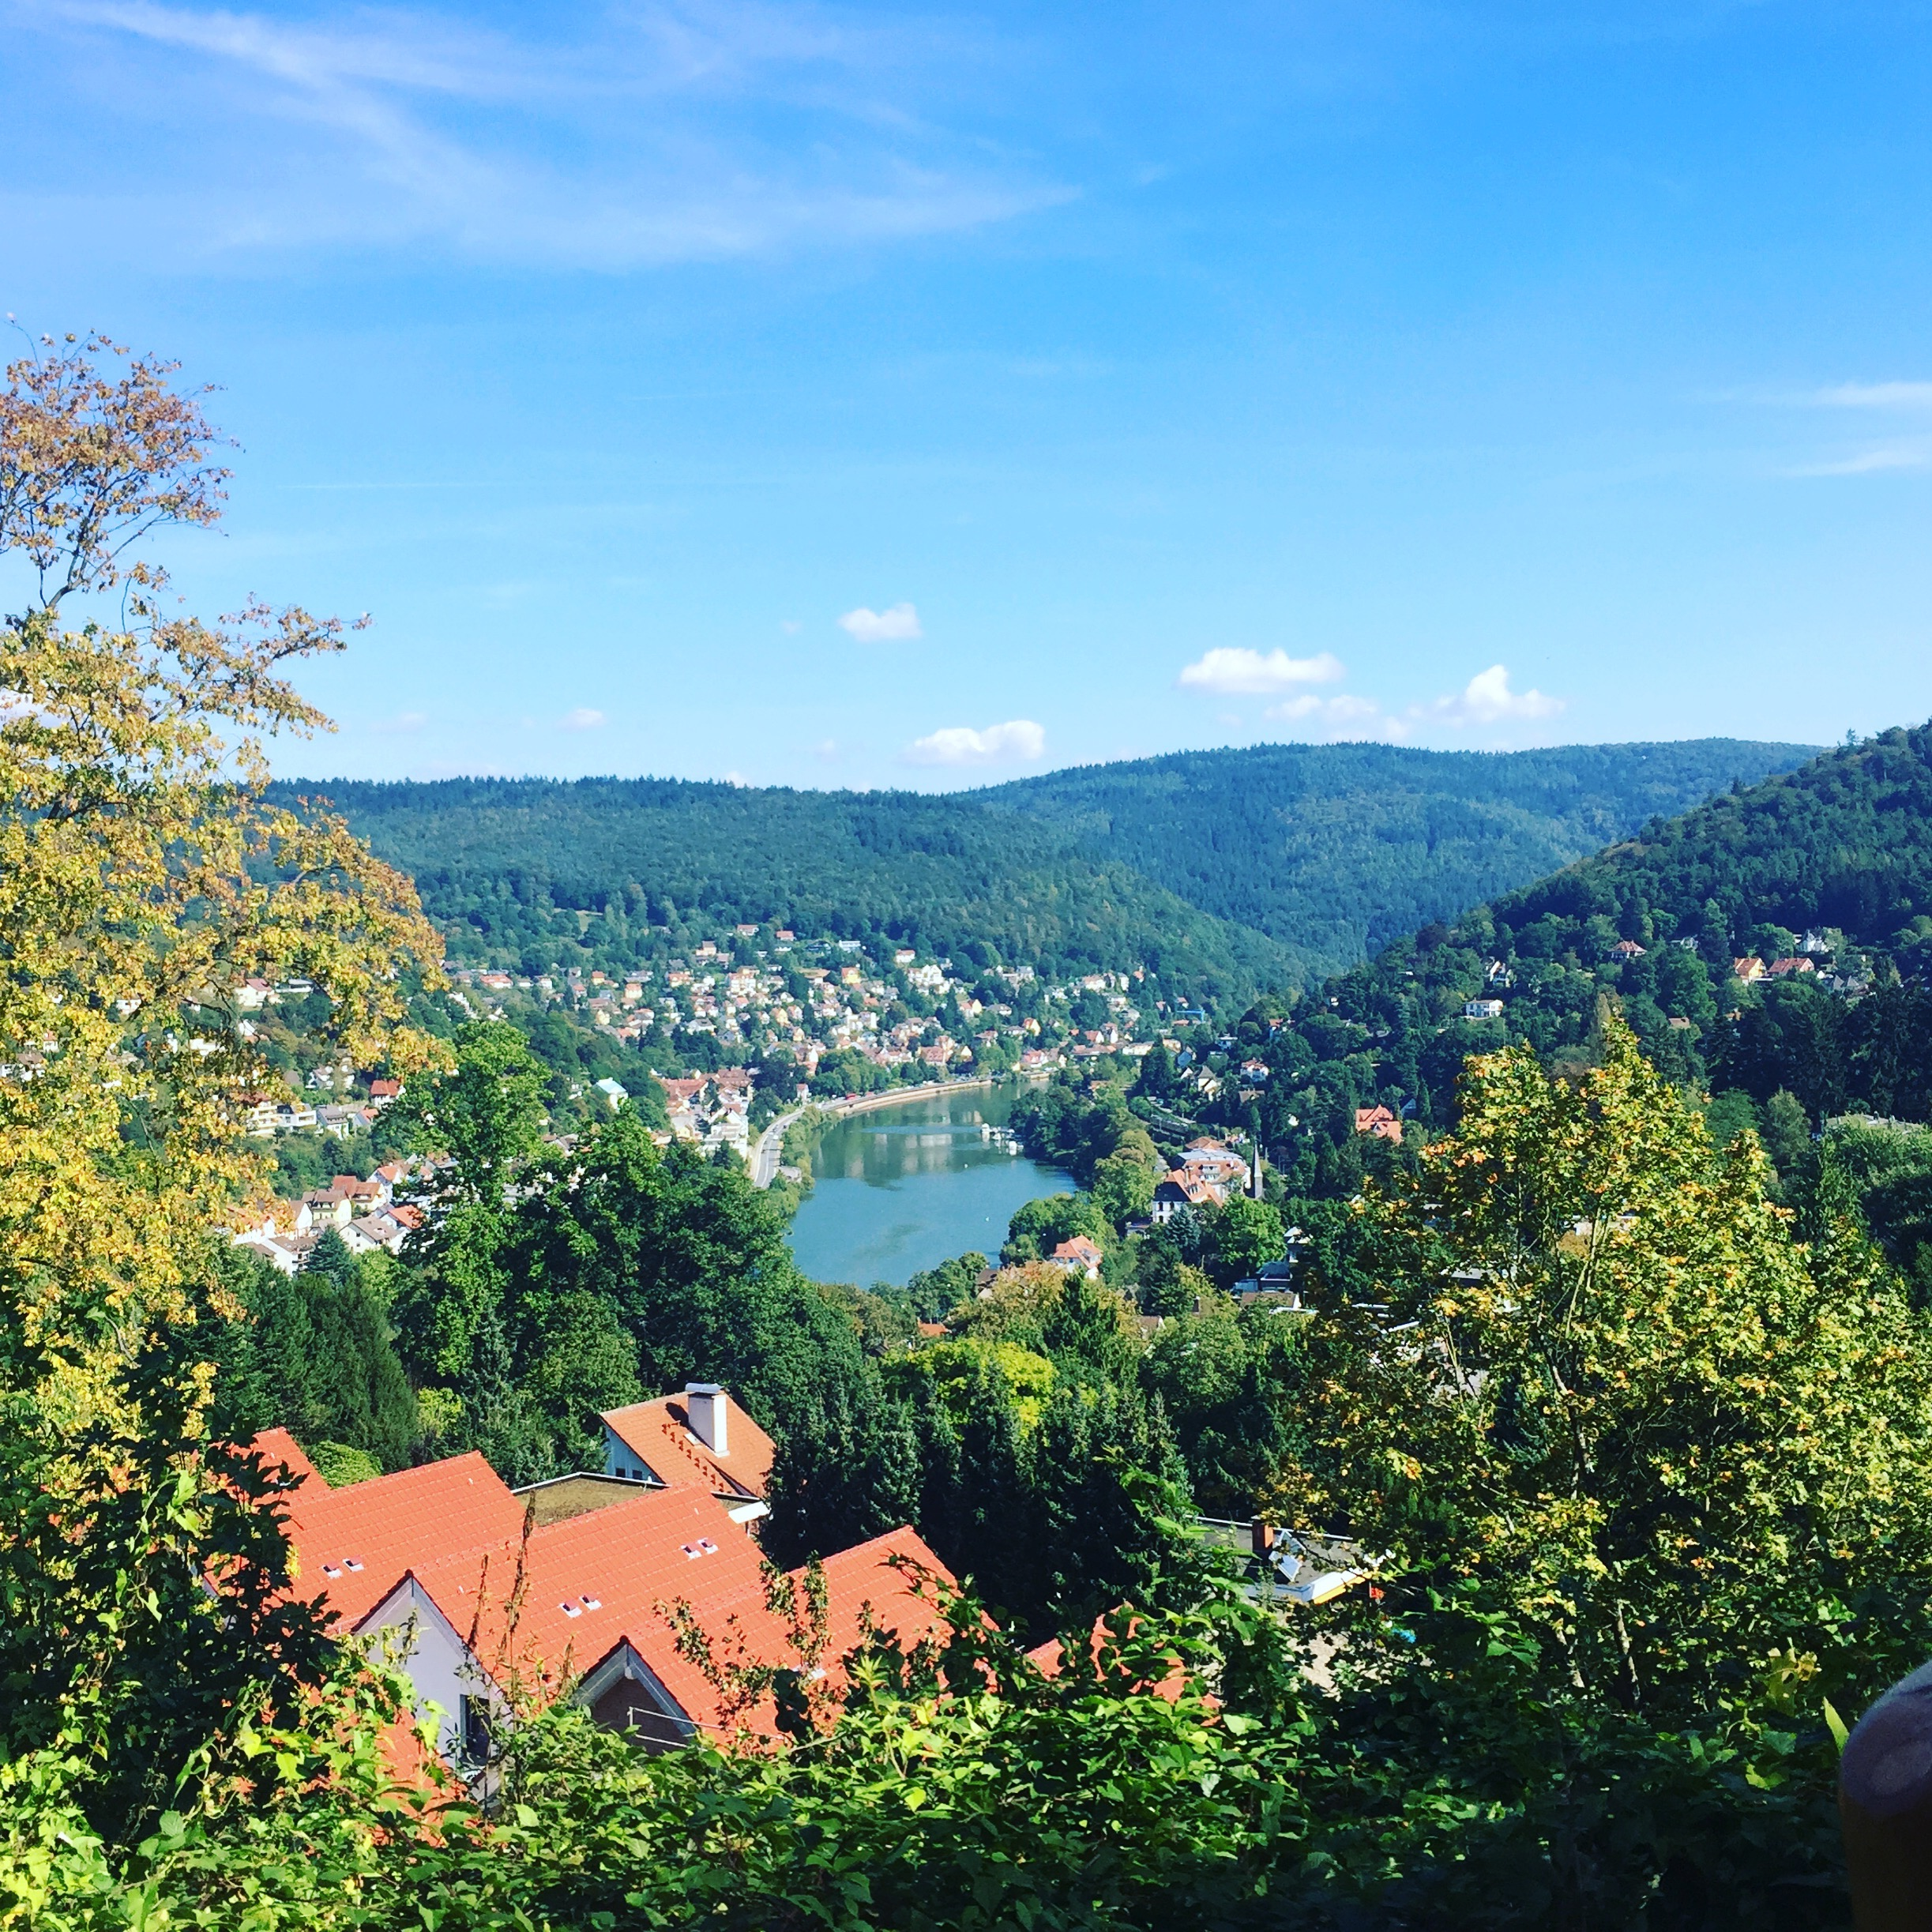 Heidelberg and the Neckar River in September, taken from Heidelberg Institute for Theoretical Studies, Schloss-Wolfsbrunnenweg